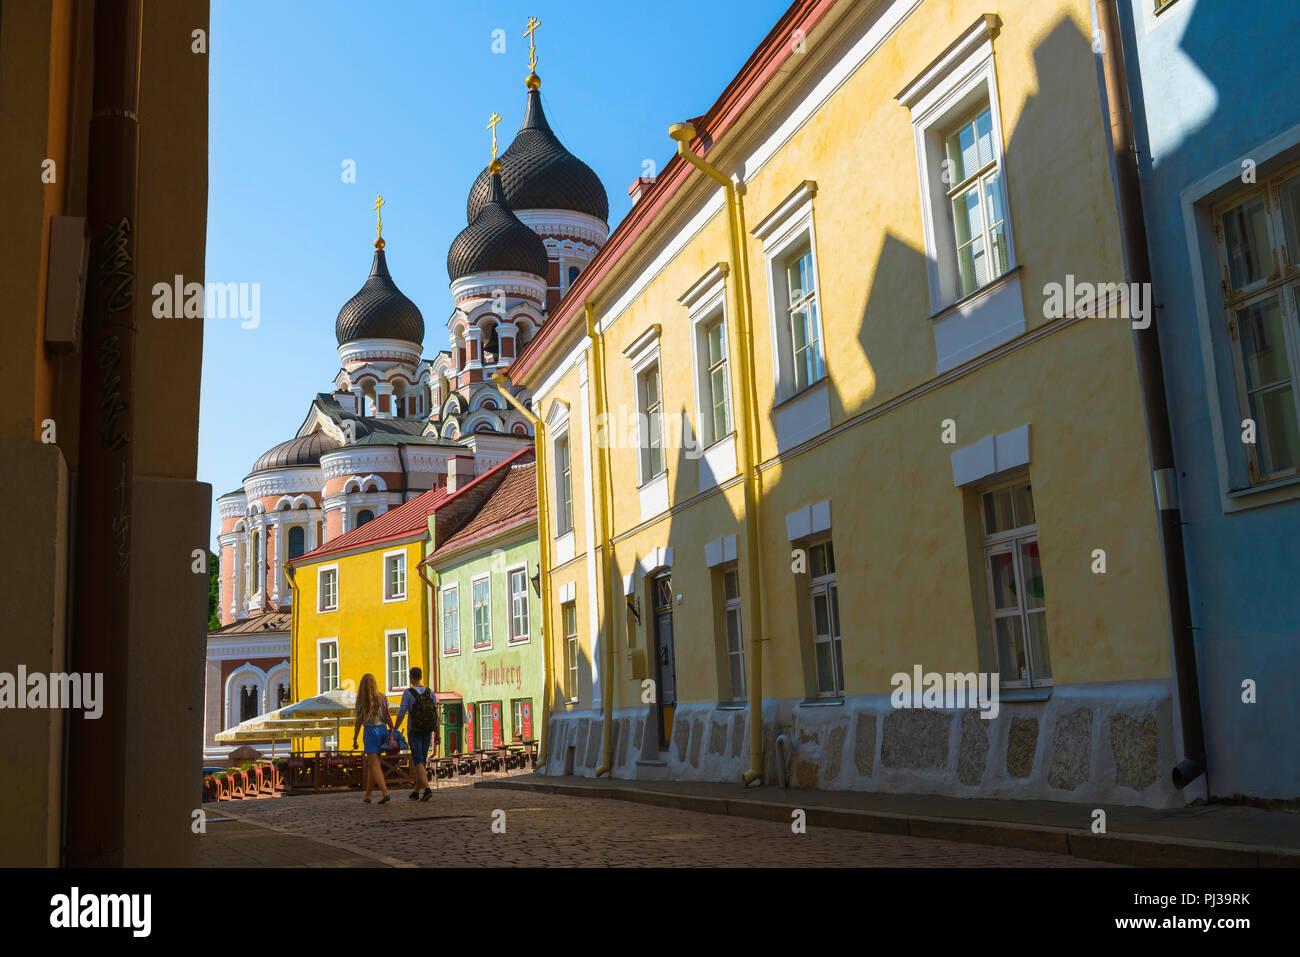 Les jeunes voyagent, vue en été de deux jeunes gens marchant le long d'une rue pittoresque sur la colline de Toompea à Tallinn, Estonie. Photo Stock